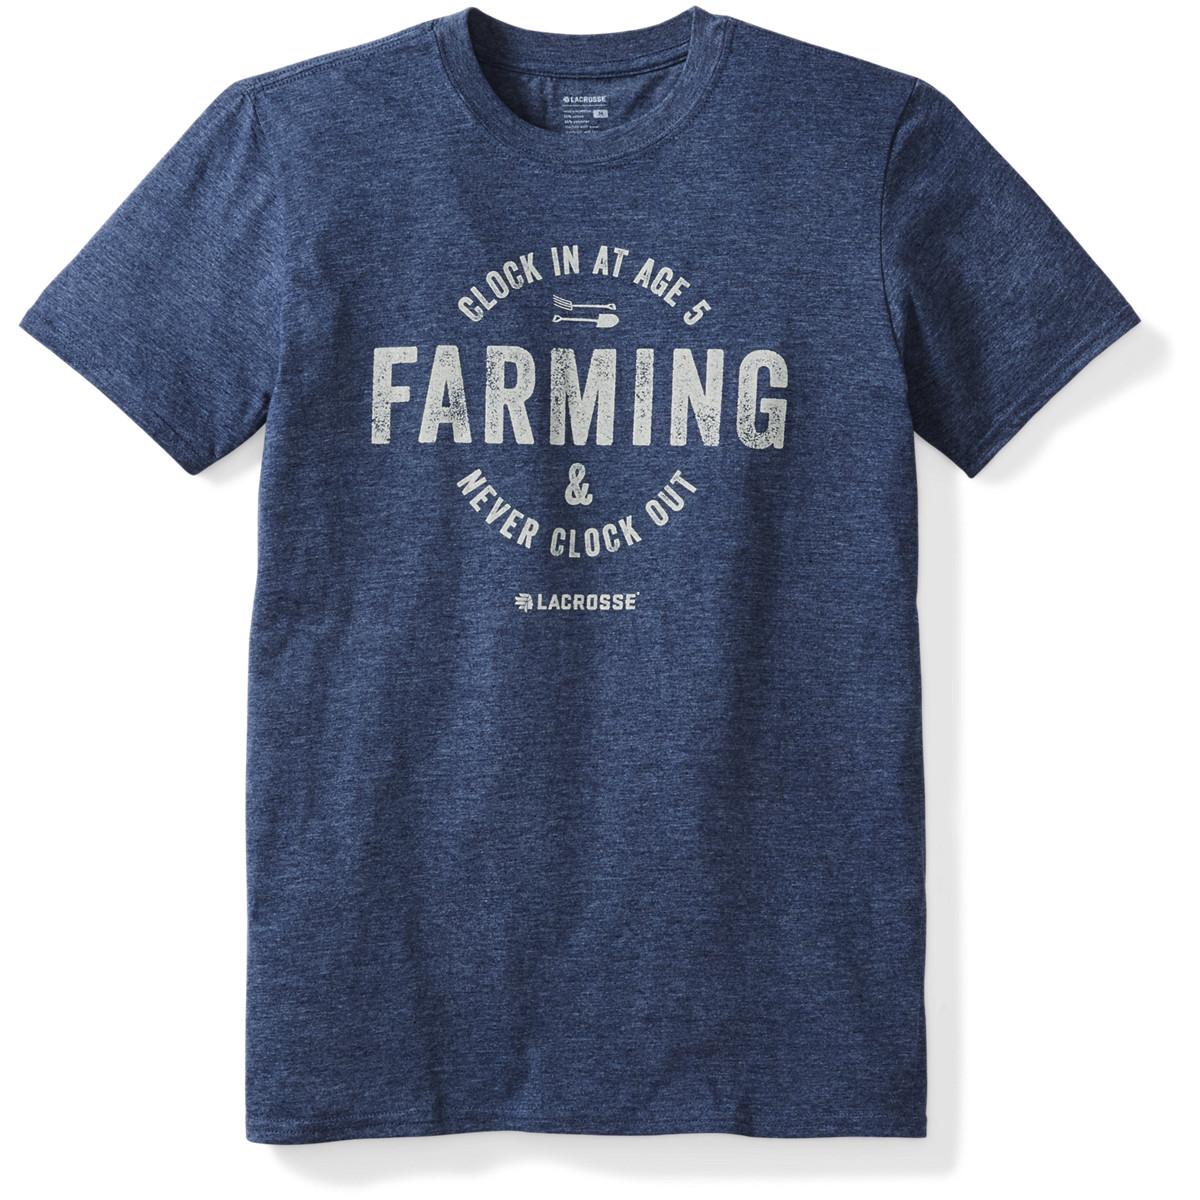 LaCrosse Farming SS Tee